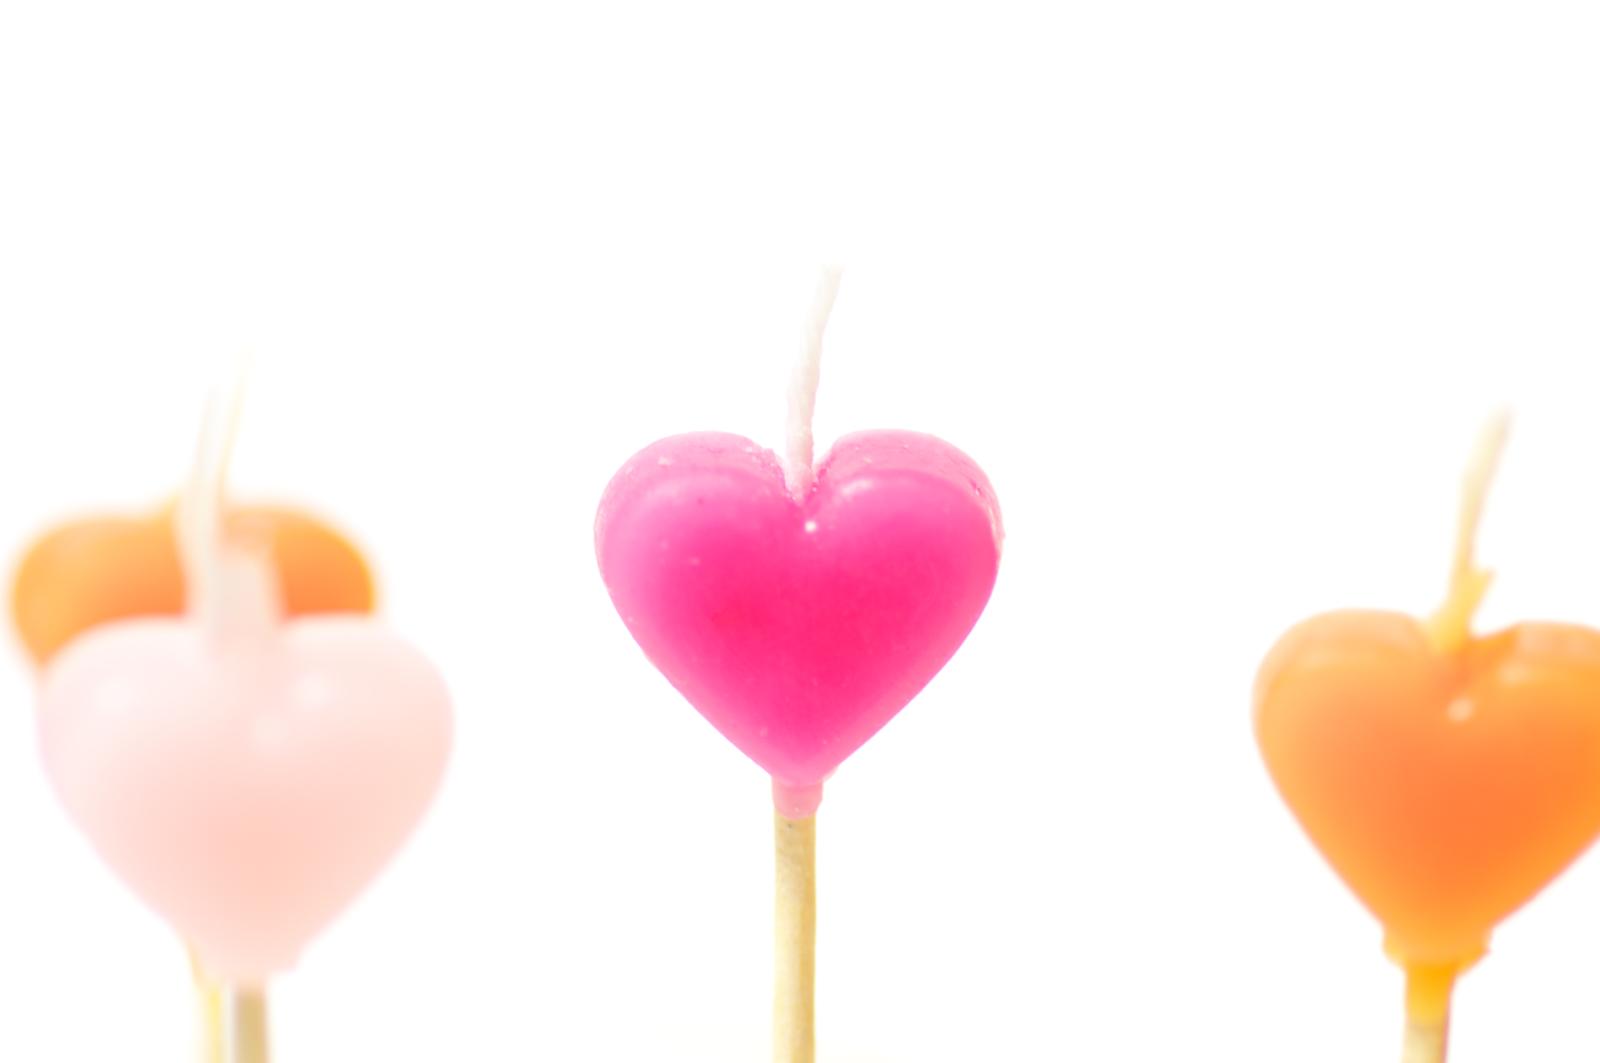 【陥没乳首の原因と対策】コンプレックスを解消するための基礎知識!